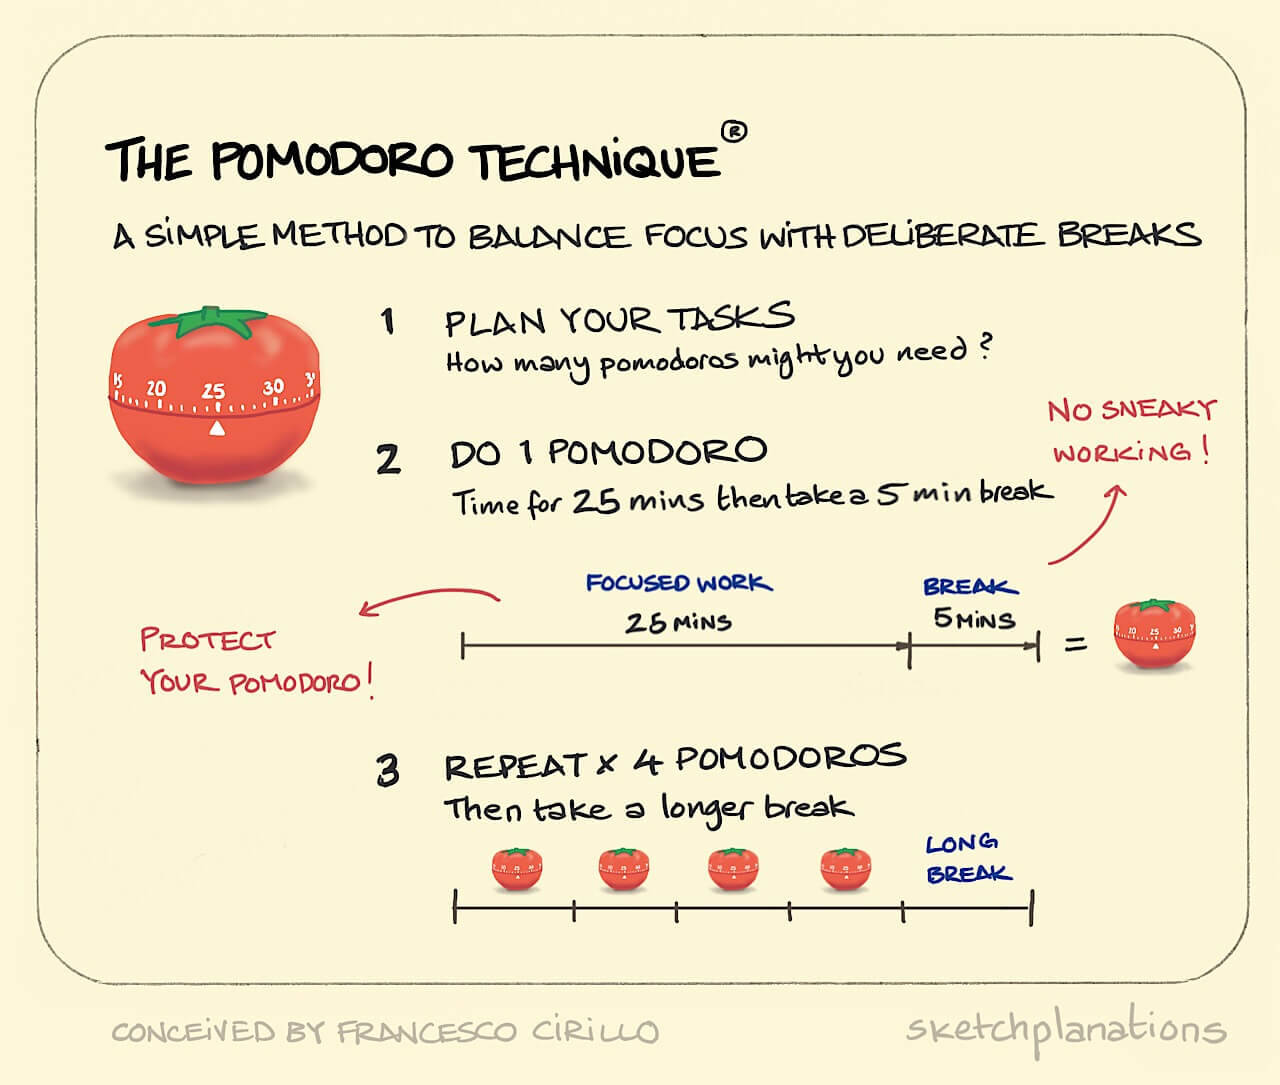 Pomodoro technique explained